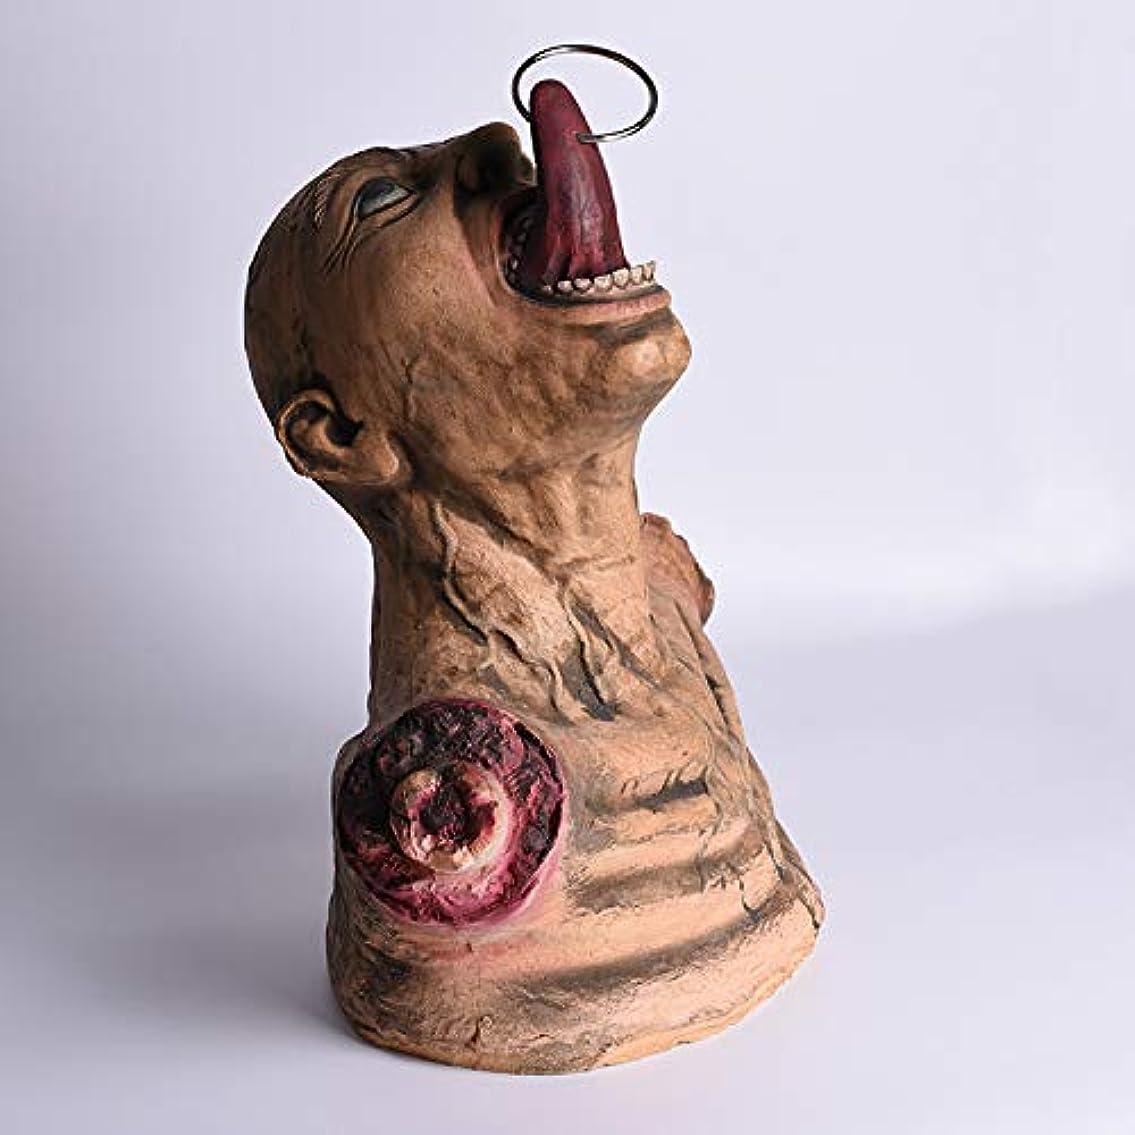 骨アナロジー病んでいるETRRUU HOME ハロウィーンお化けハウスルームエスケープ怖い小道具恐怖壊れた手ぶら下げ幽霊死体全身ゾンビ装飾